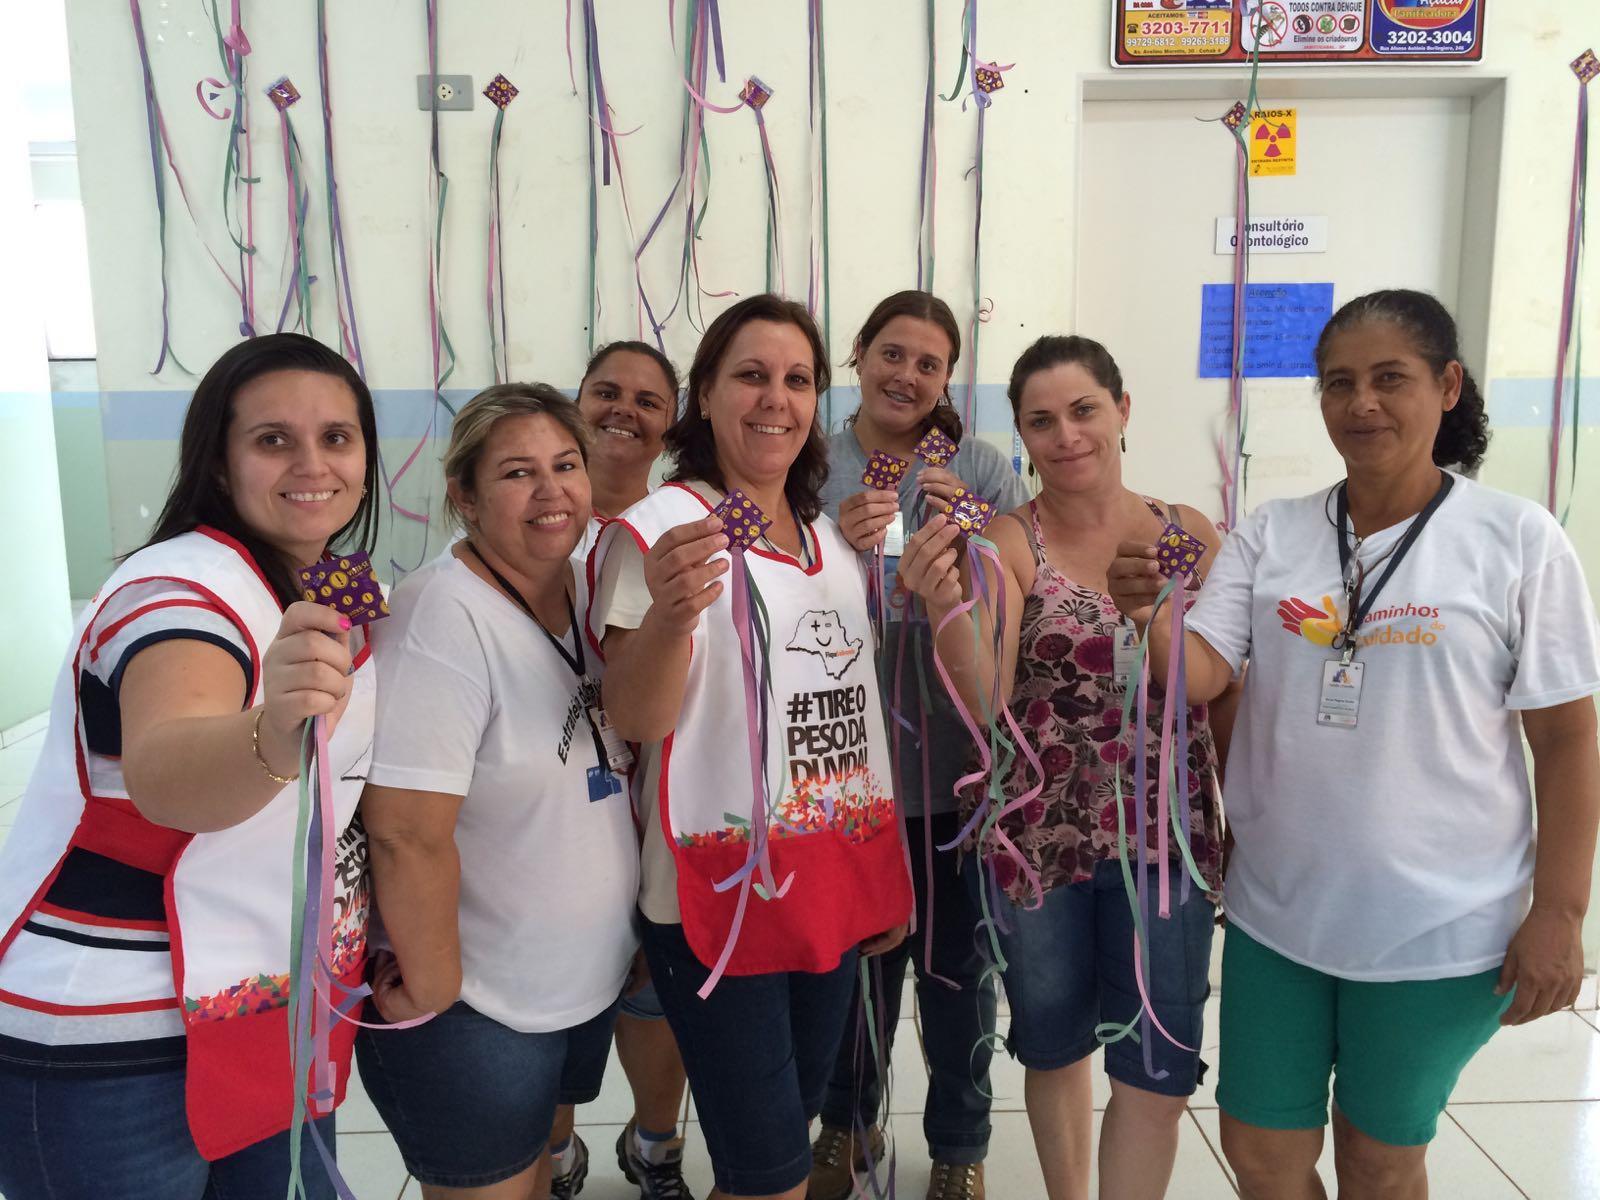 Equipe do Ciaf 7 realiza campanha no carnaval (Foto: Reginaldo Coelho/Jornal 101)